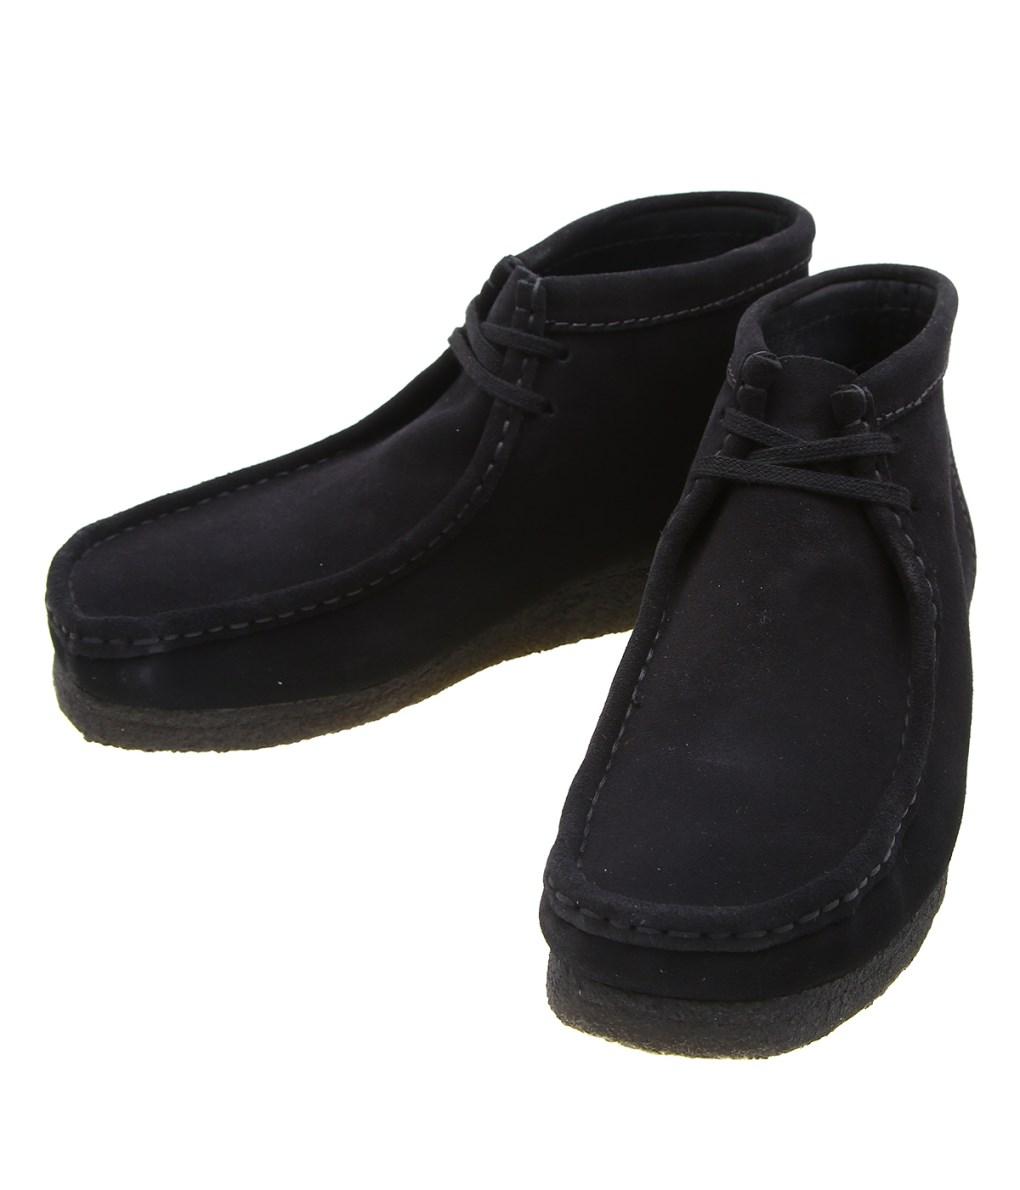 【送料無料】Clarks / クラークス : WALLABEE BOOT -BLK SUEDE- : ワラビーブーツ ブーツ スウェード 靴 メンズ : 26133281 【STD】